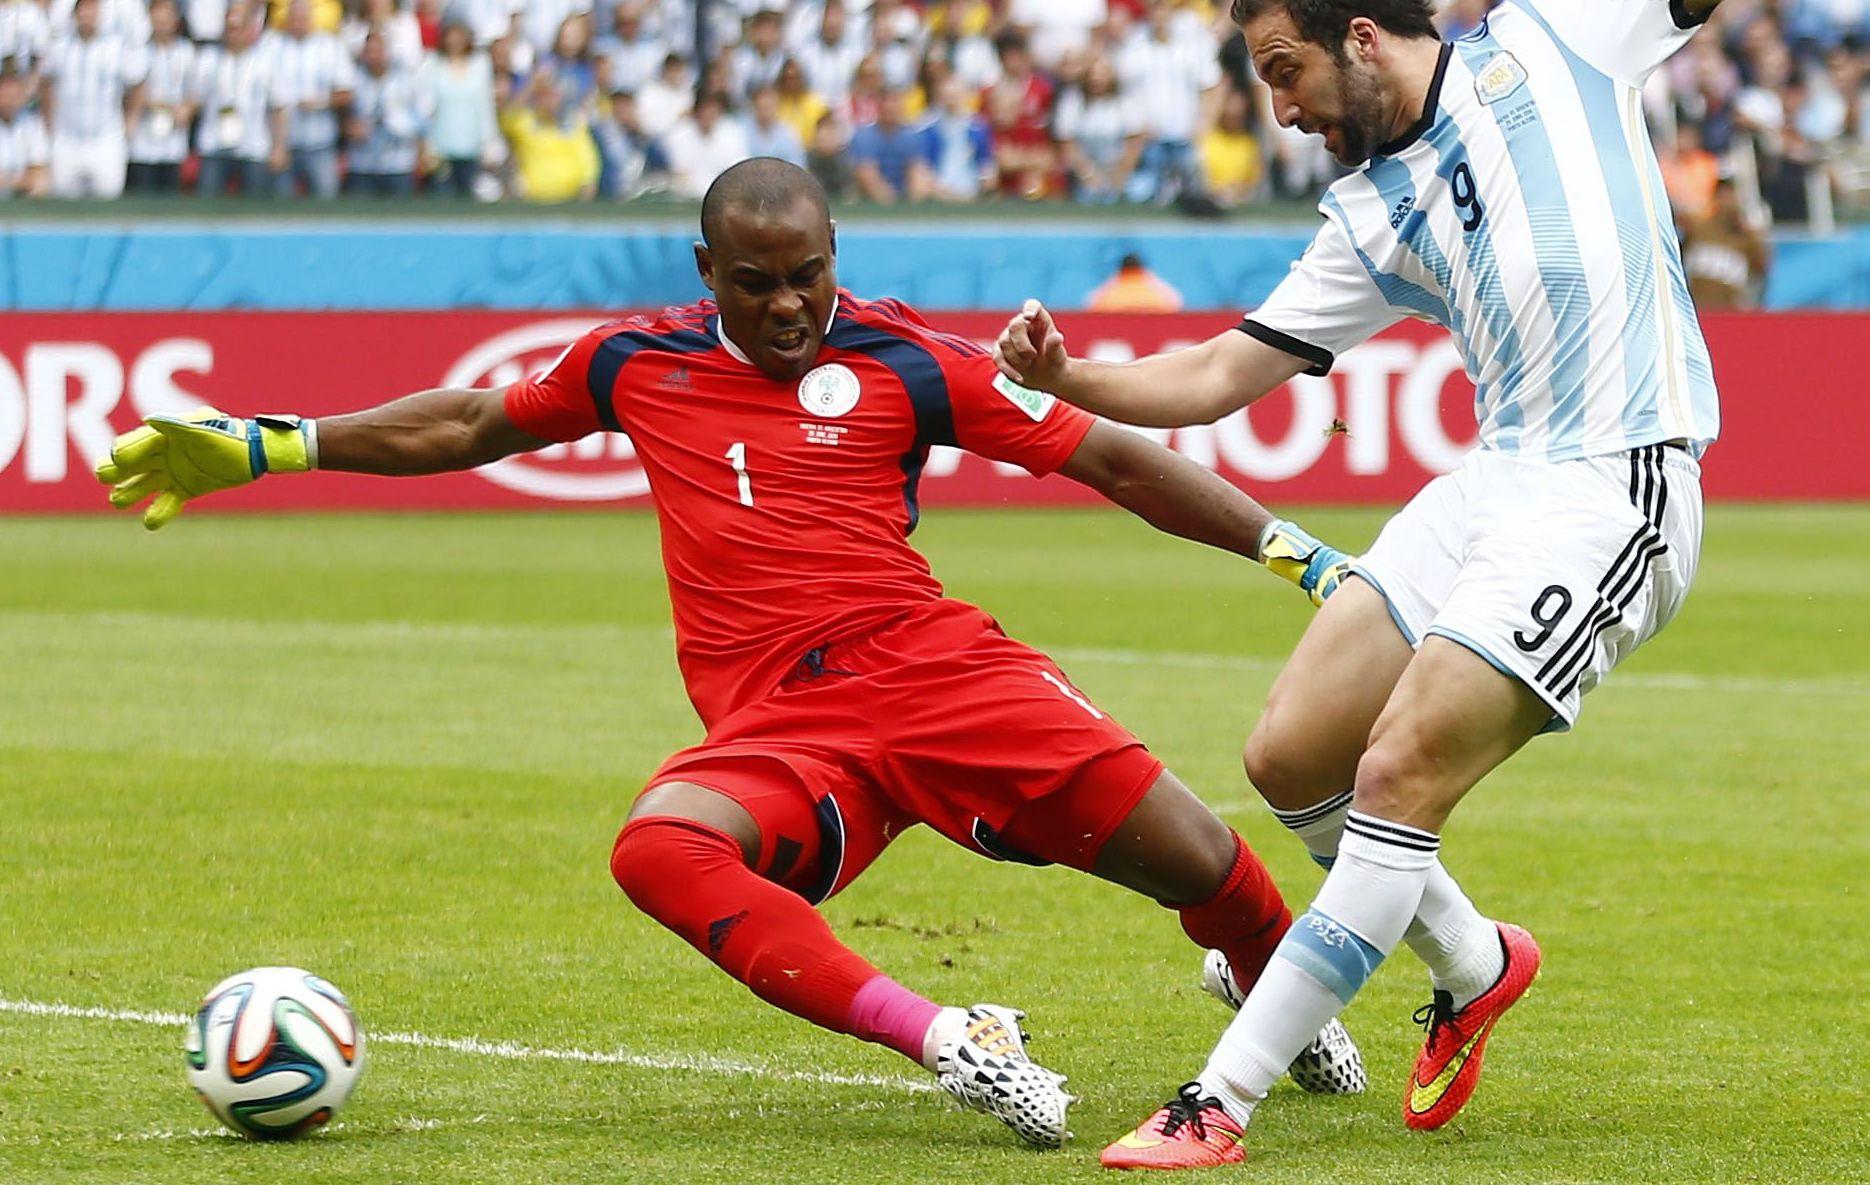 Enyeama inspire la crainte equipe de france 2014 br sil coupe du monde football - Jeux de football coupe du monde 2014 ...